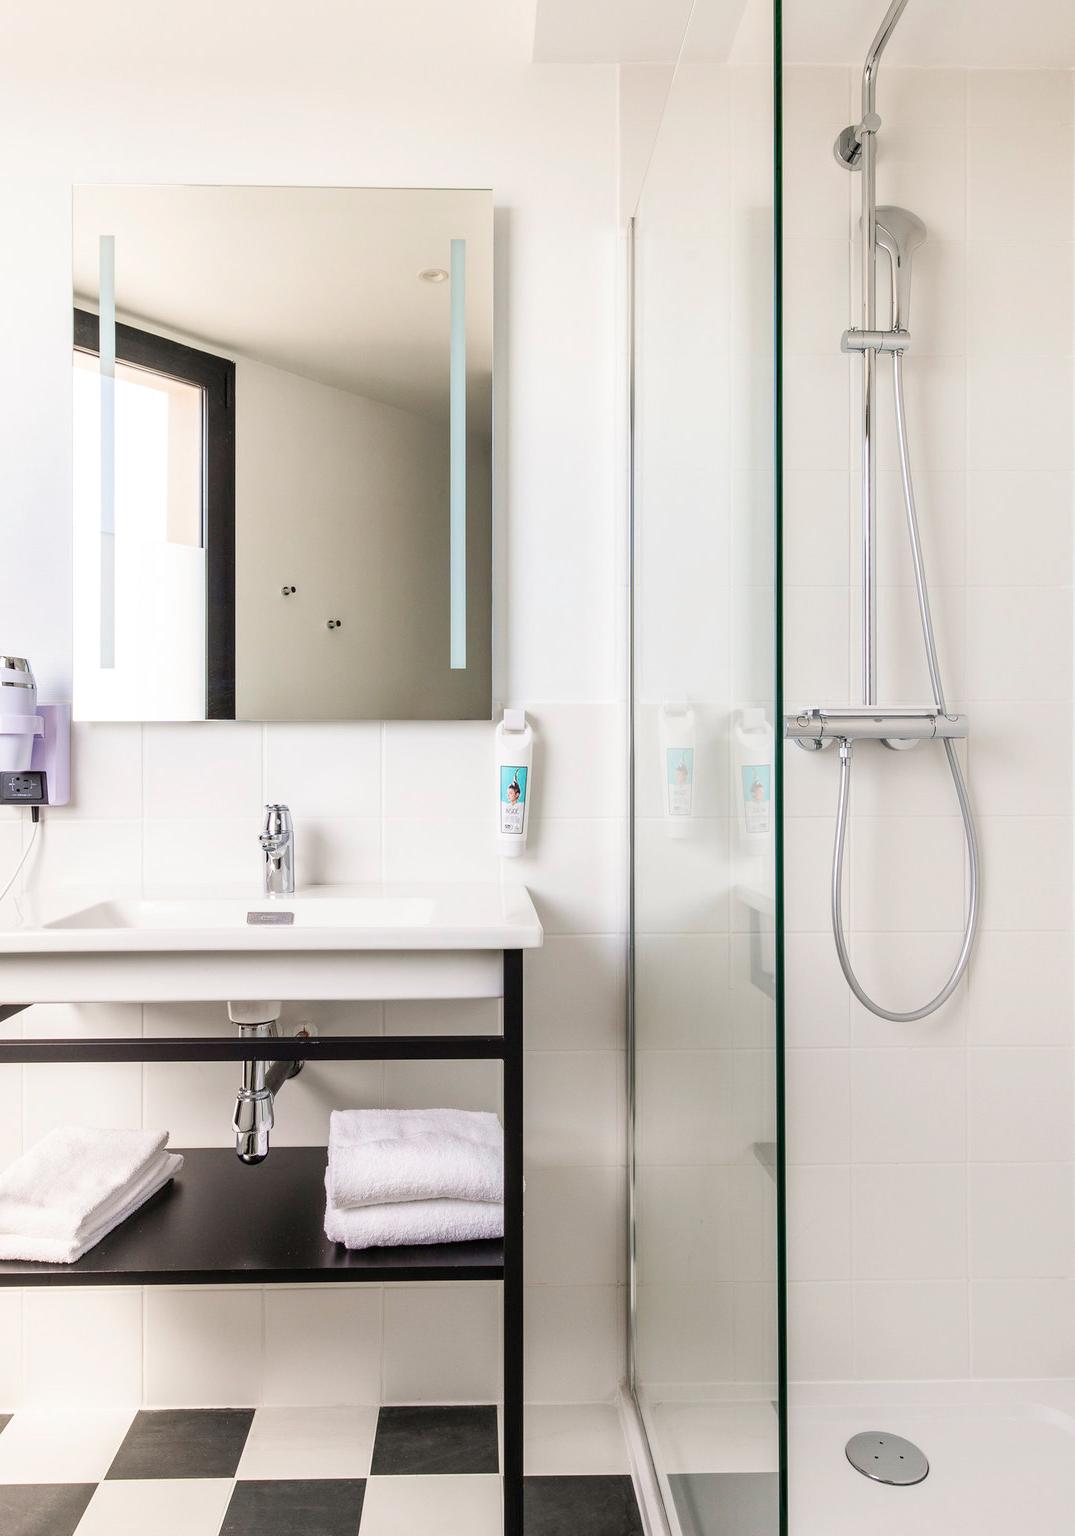 Ameublement et décoration des salles de bain de l'hôtel du Mans